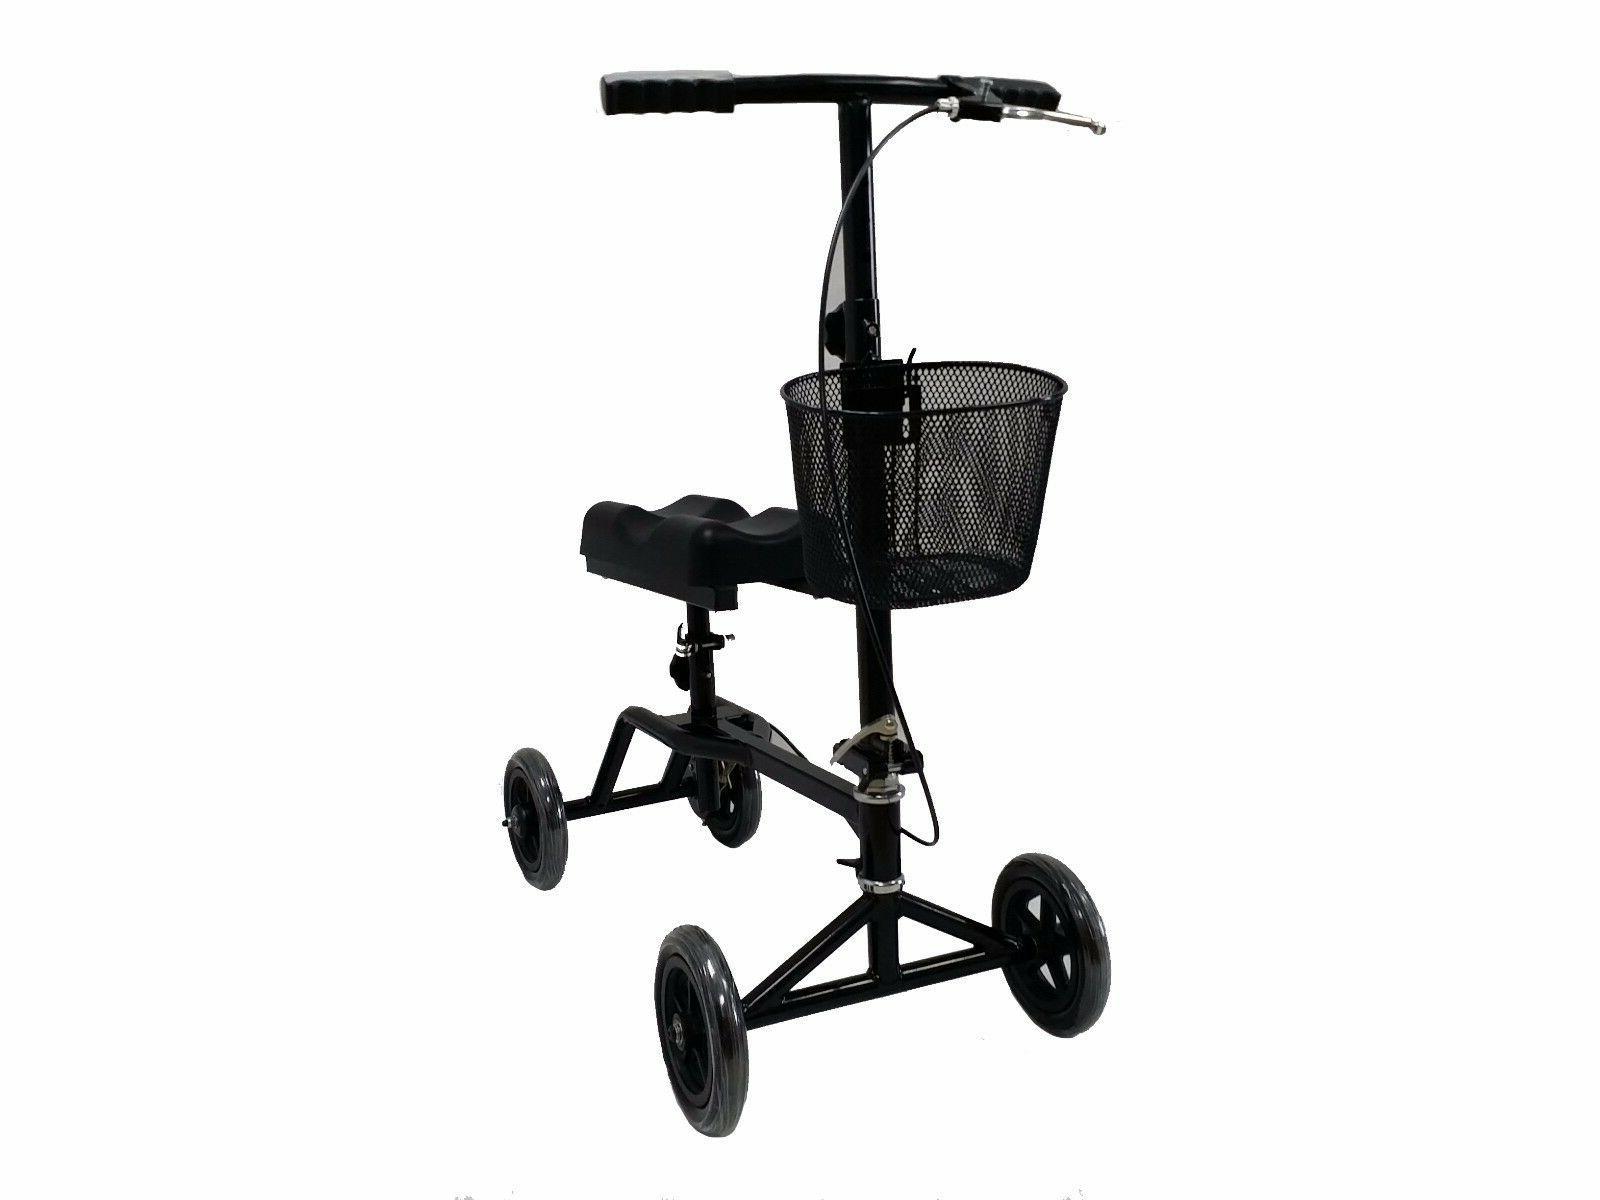 New Knee Walker Scooter Brake Basket Drive